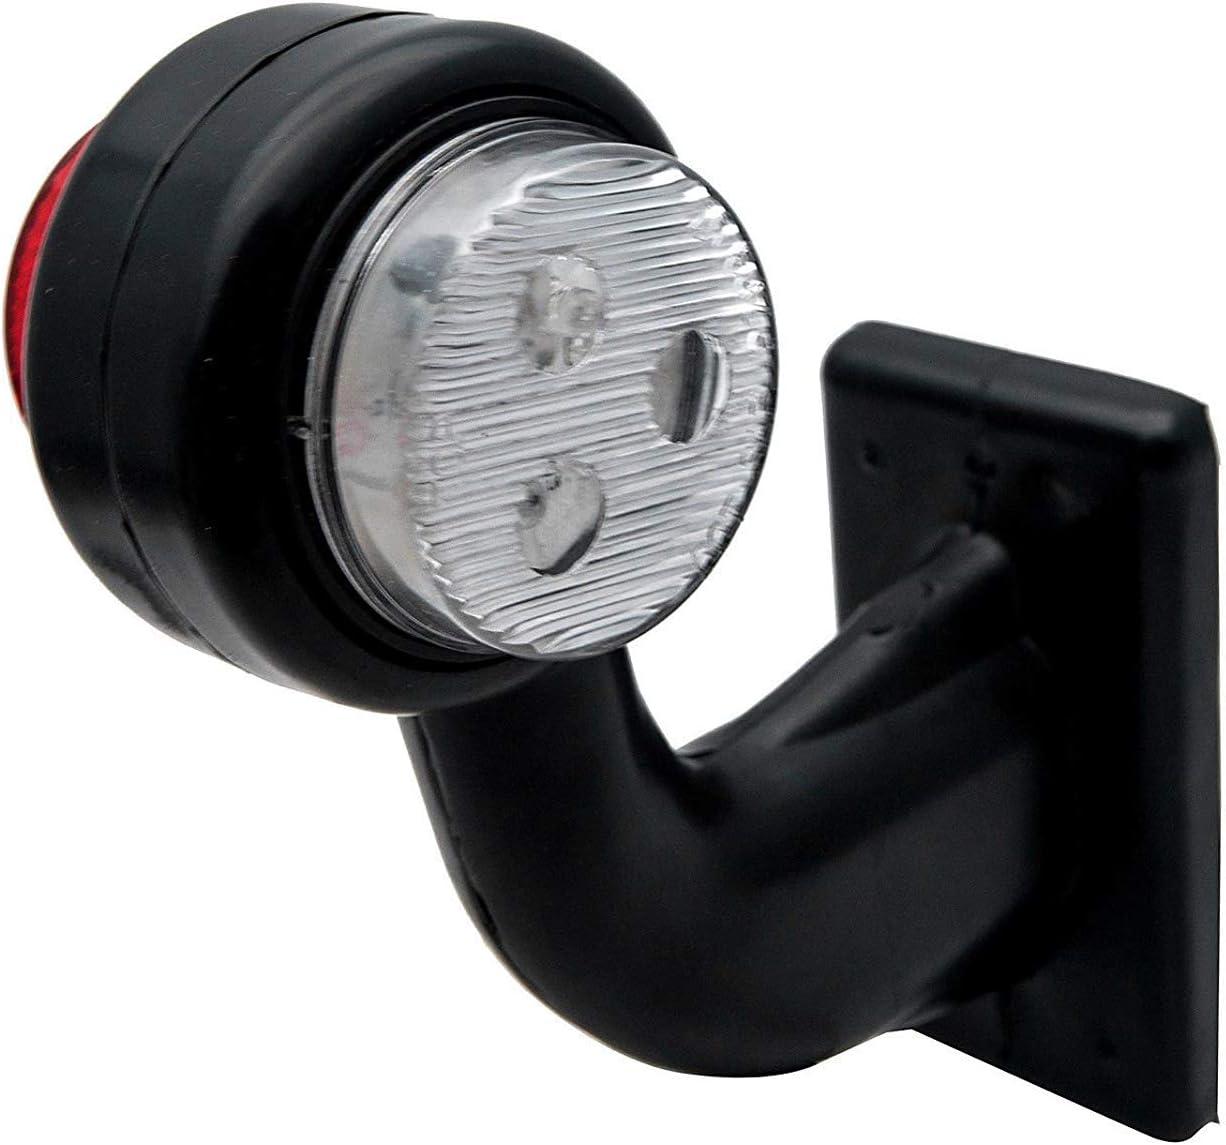 Trailer Marker SUNWAN 2X 8 LED SIDE OUTLINE STALK MARKER LIGHTS LAMP 12V White Red TRAILER TRUCK CARAVAN 20CM-b.12//24V Truck Lorry Trailer Tipper Side Marker Light